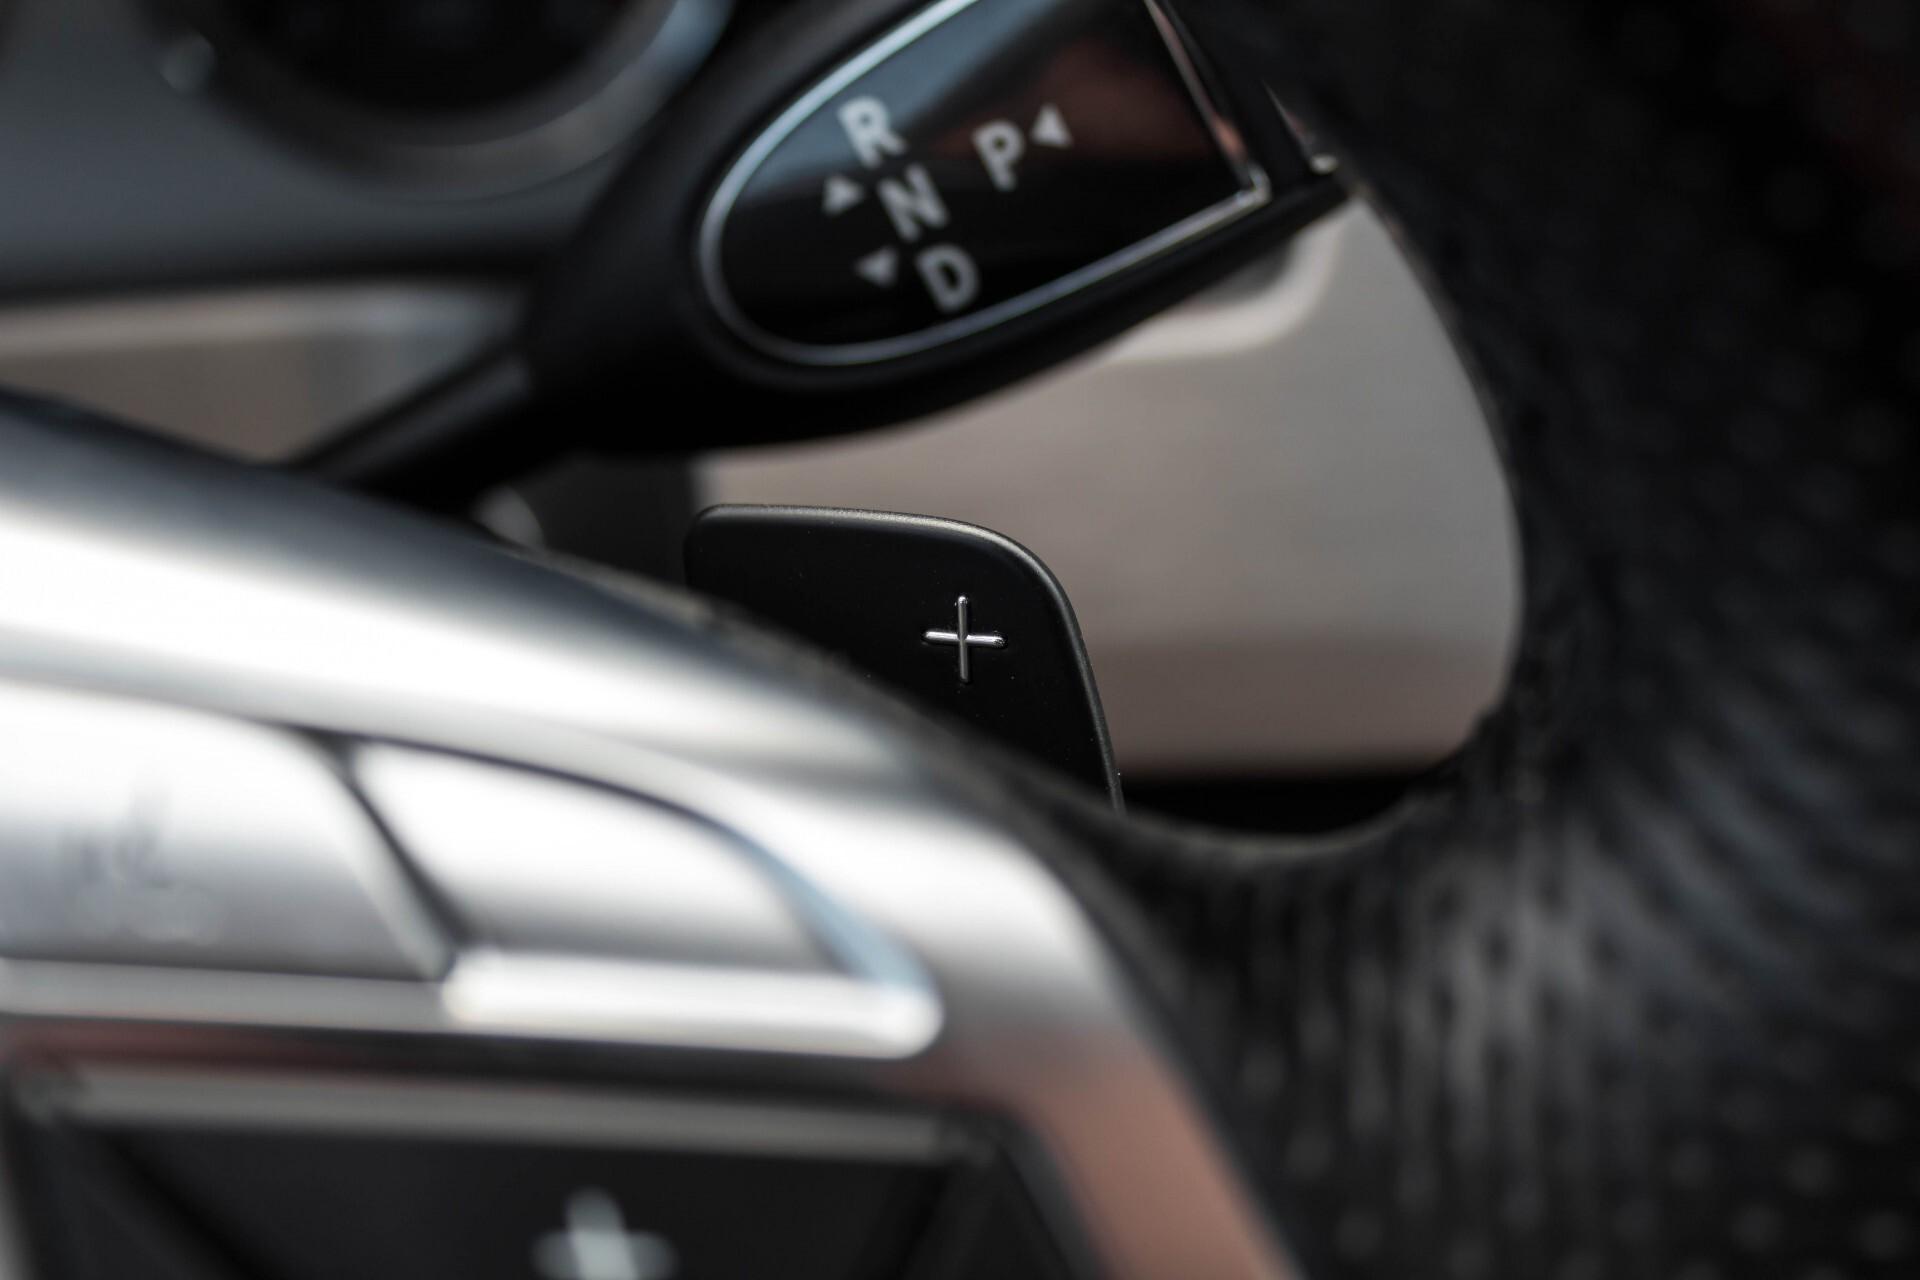 Mercedes-Benz E-Klasse Estate 350 Cdi AMG Luchtvering/Schuifdak/Comand/Harman Kardon/ILS Aut7 Foto 13